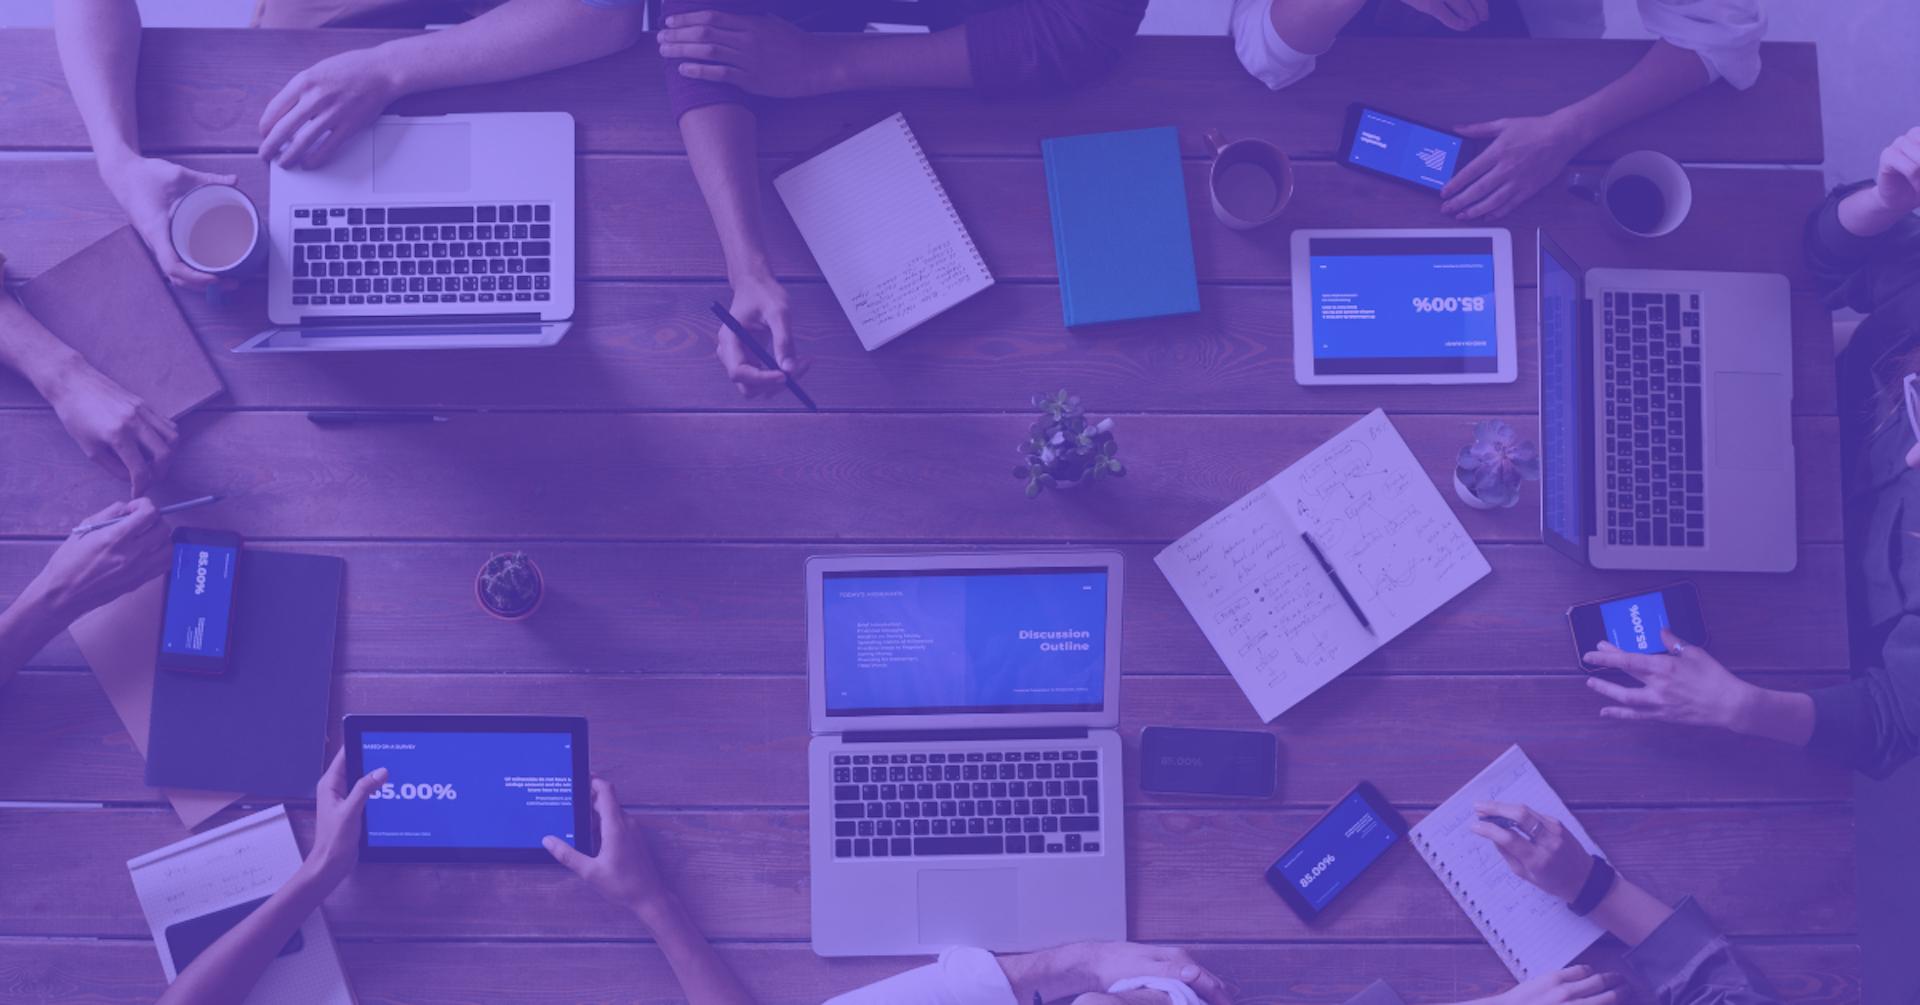 ¿Qué son los stakeholders y cómo influyen en tu negocio?